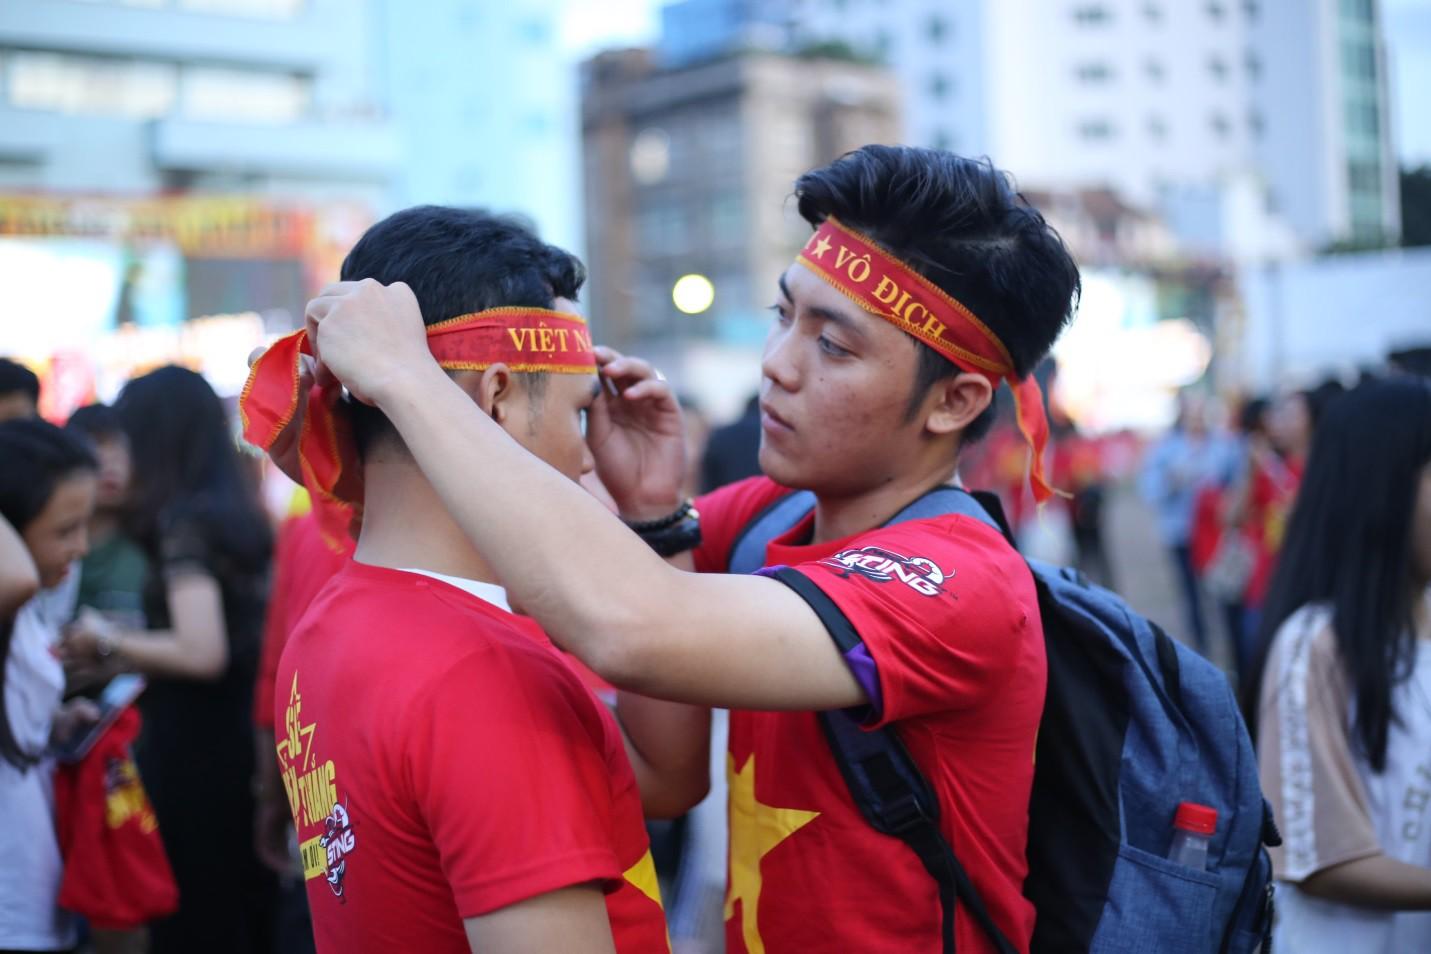 Hàng nghìn CĐV tại 2 đầu đất nước cùng nhau tạo triệu lượt phất cờ cho chiến thắng của đội tuyển Việt Nam - Ảnh 1.